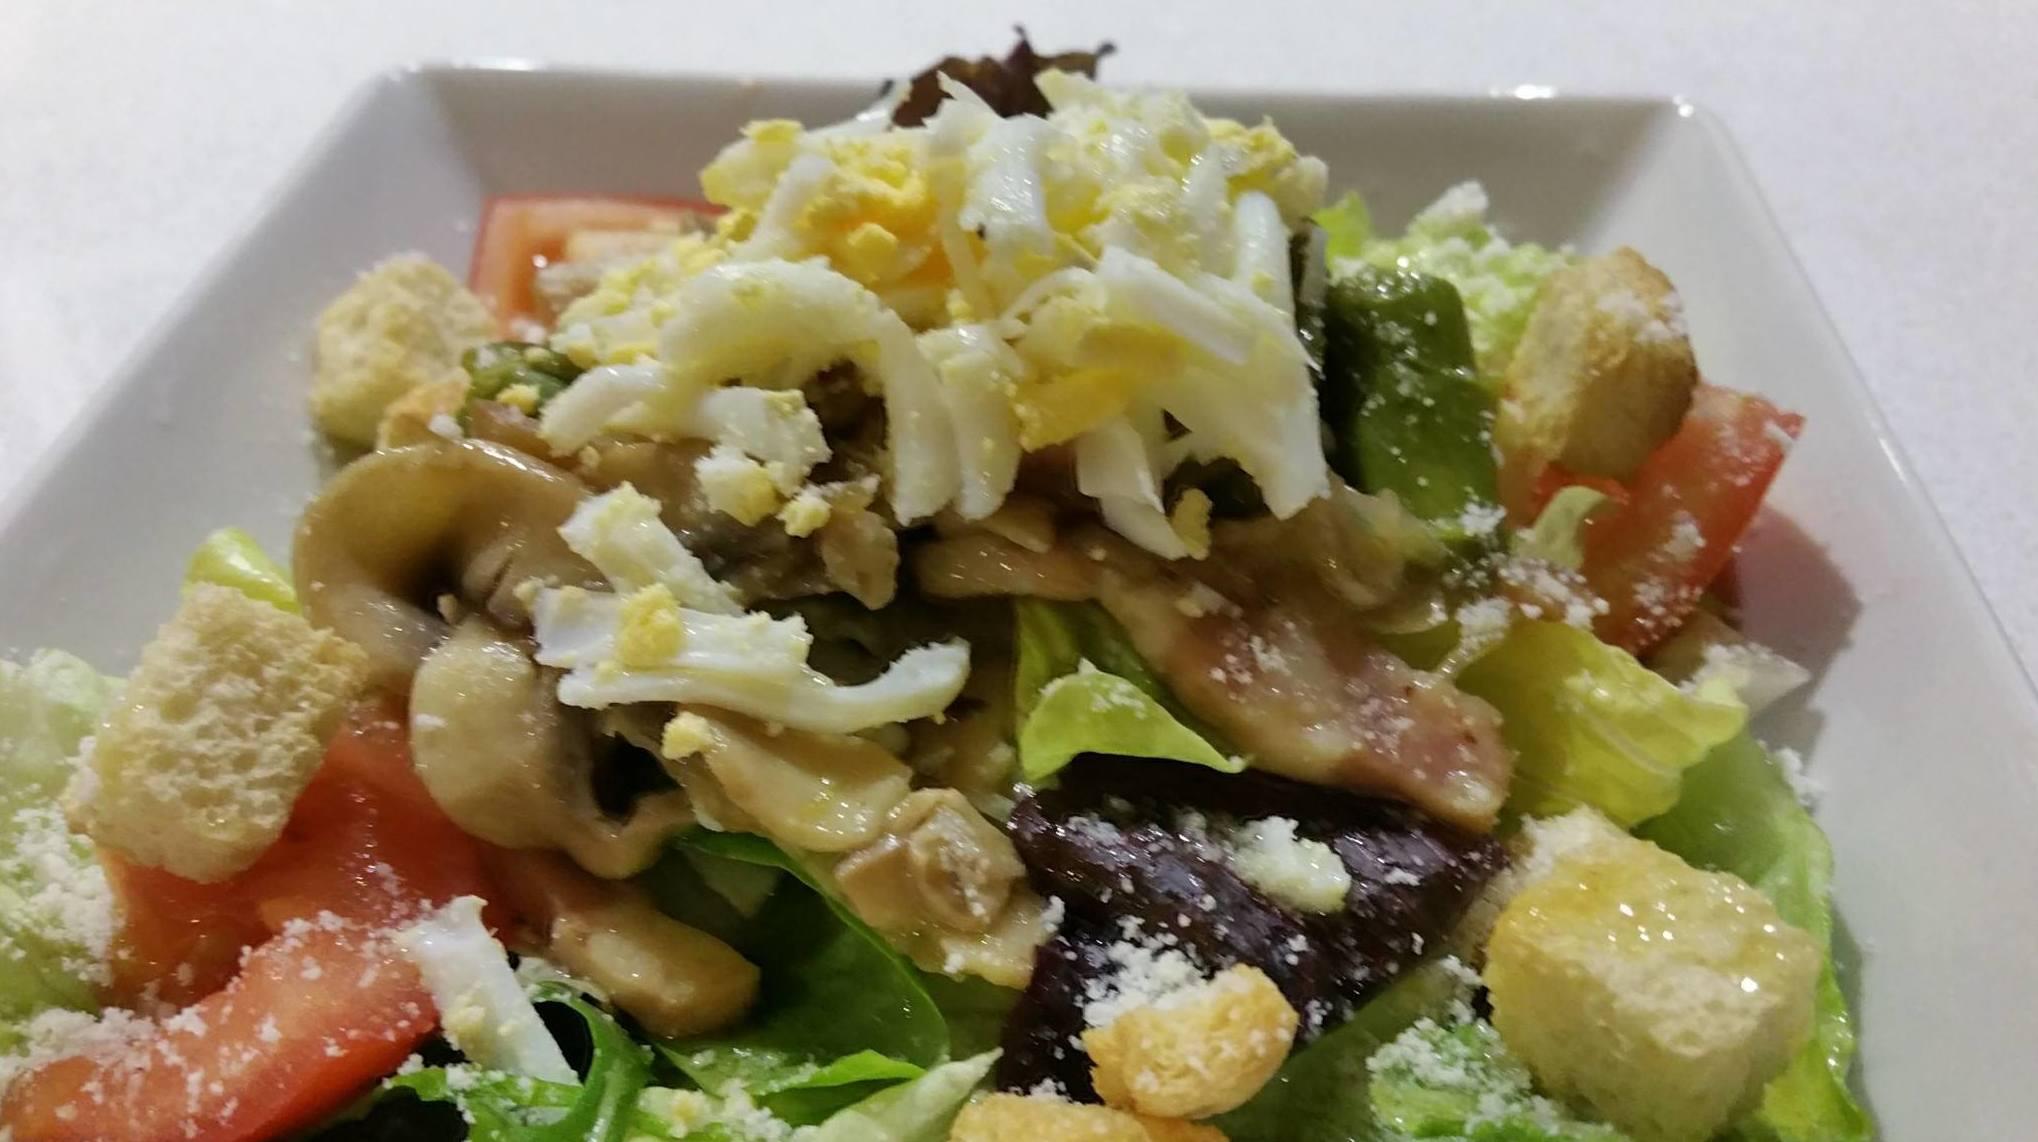 Foto 5 de Restaurante en Alicante | Restaurante Caruso